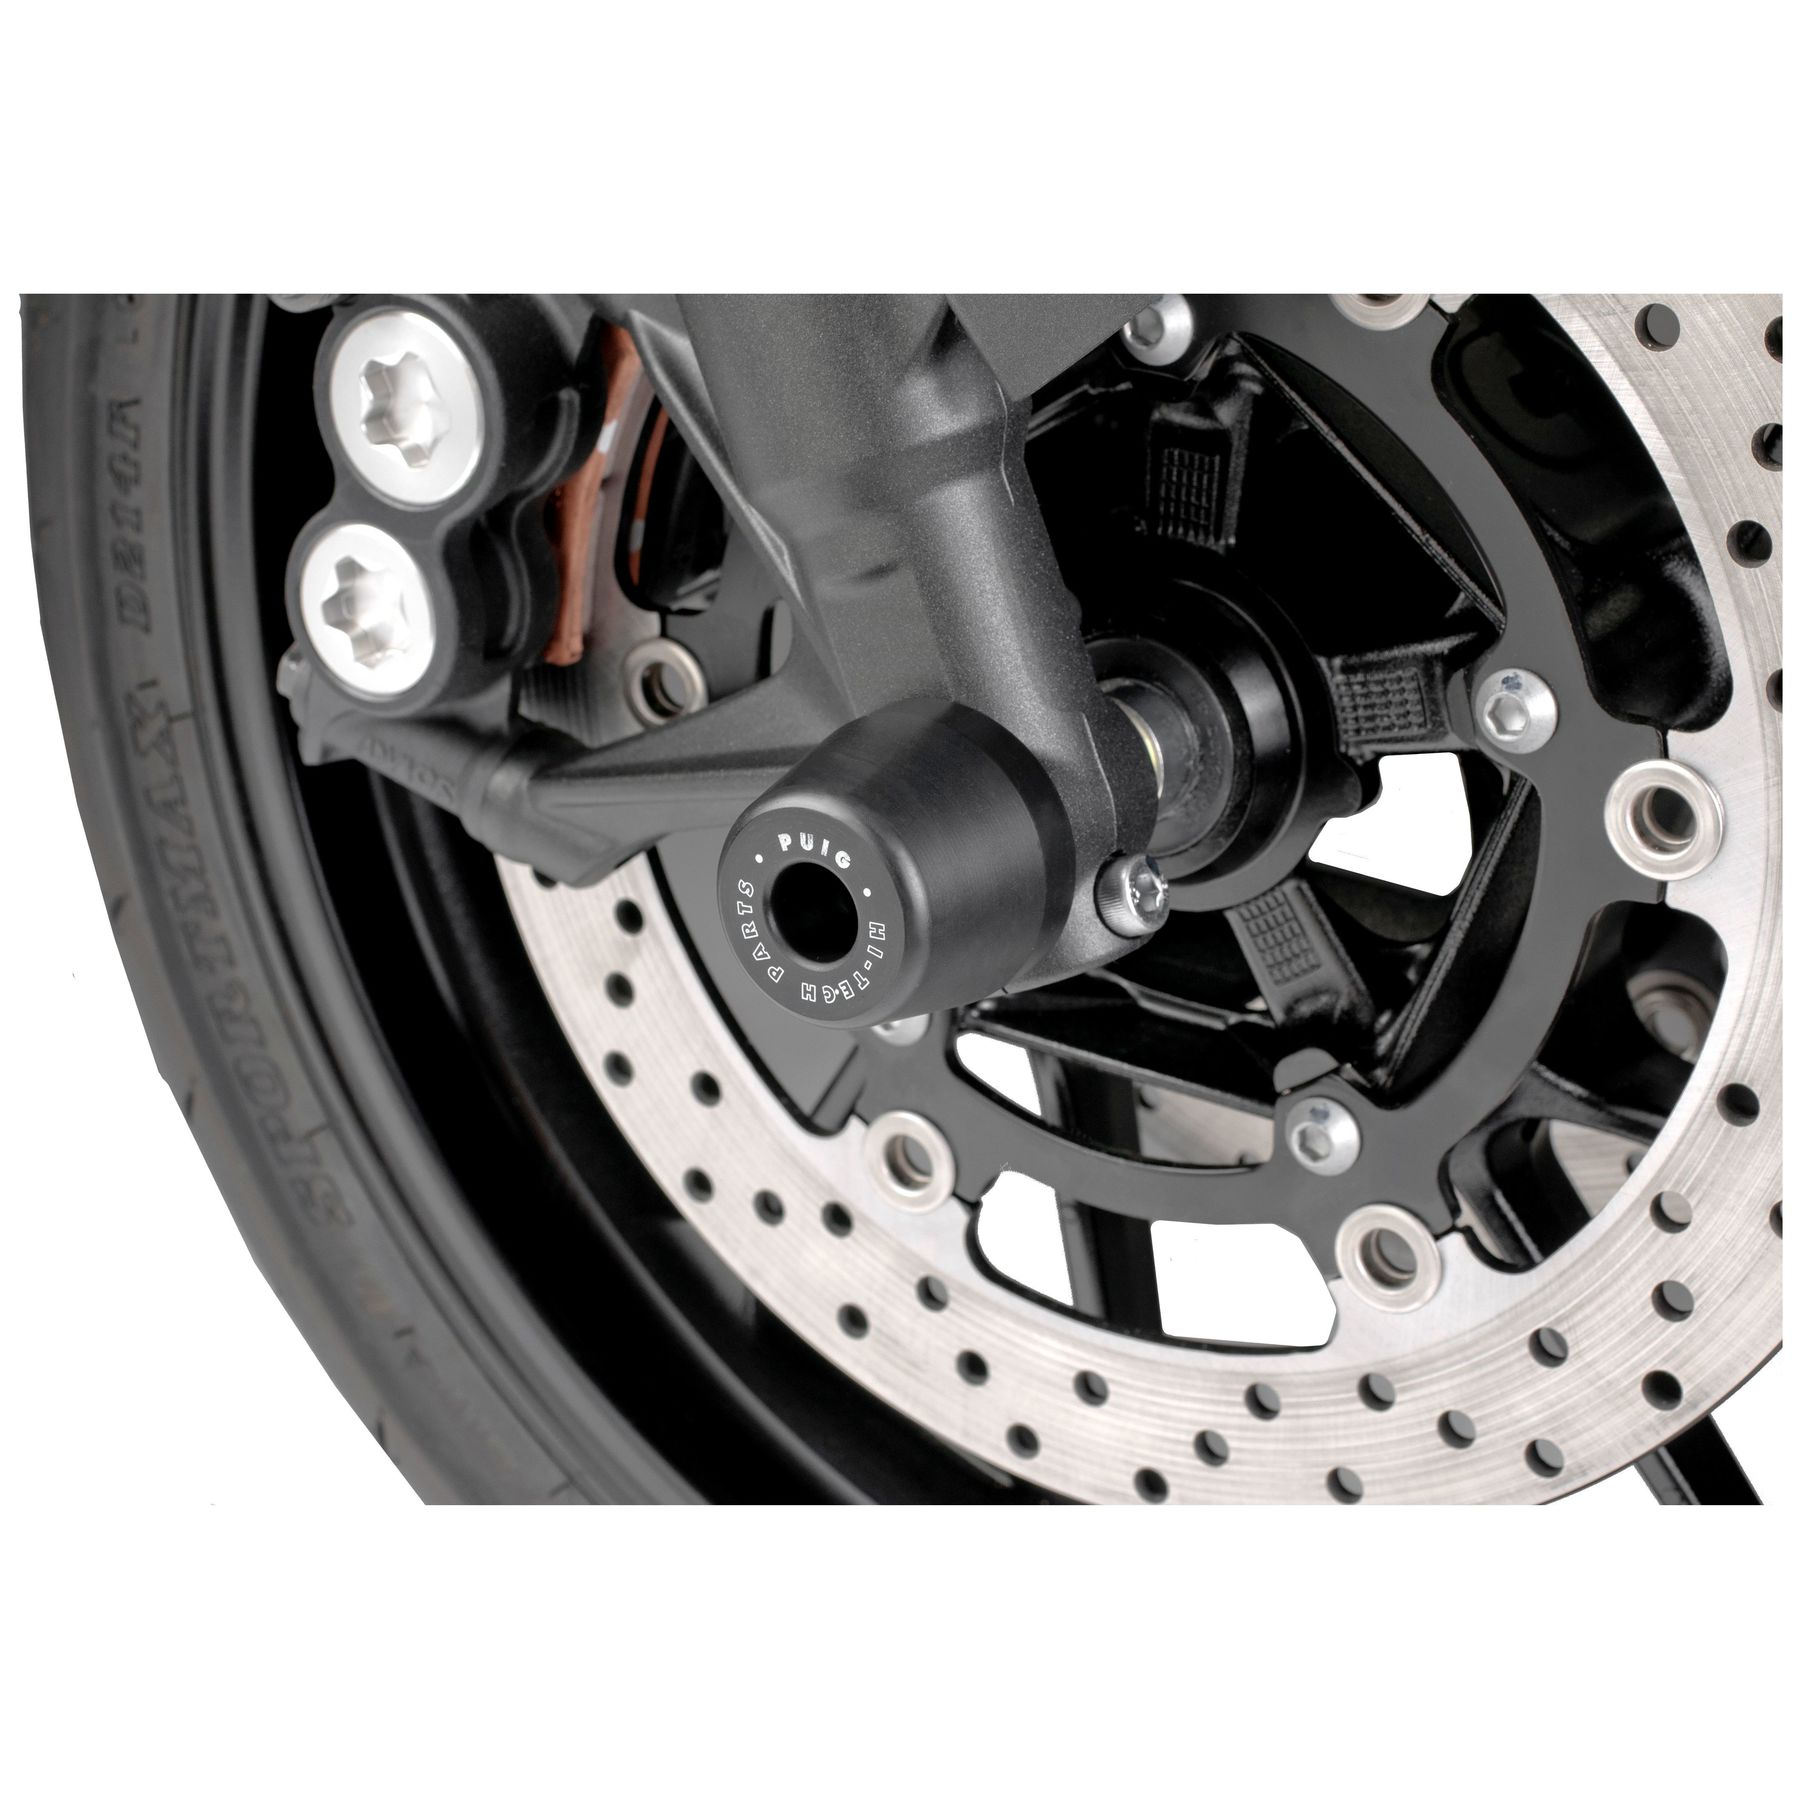 AUTOMUTO Rectifier Voltage Regulator Rectifier Fit for 2015 2018 Honda Pioneer 500 2014-2018 Honda Pioneer 700 2014-2018 Honda Pioneer 700-4 2014-2015 Honda Rancher 420